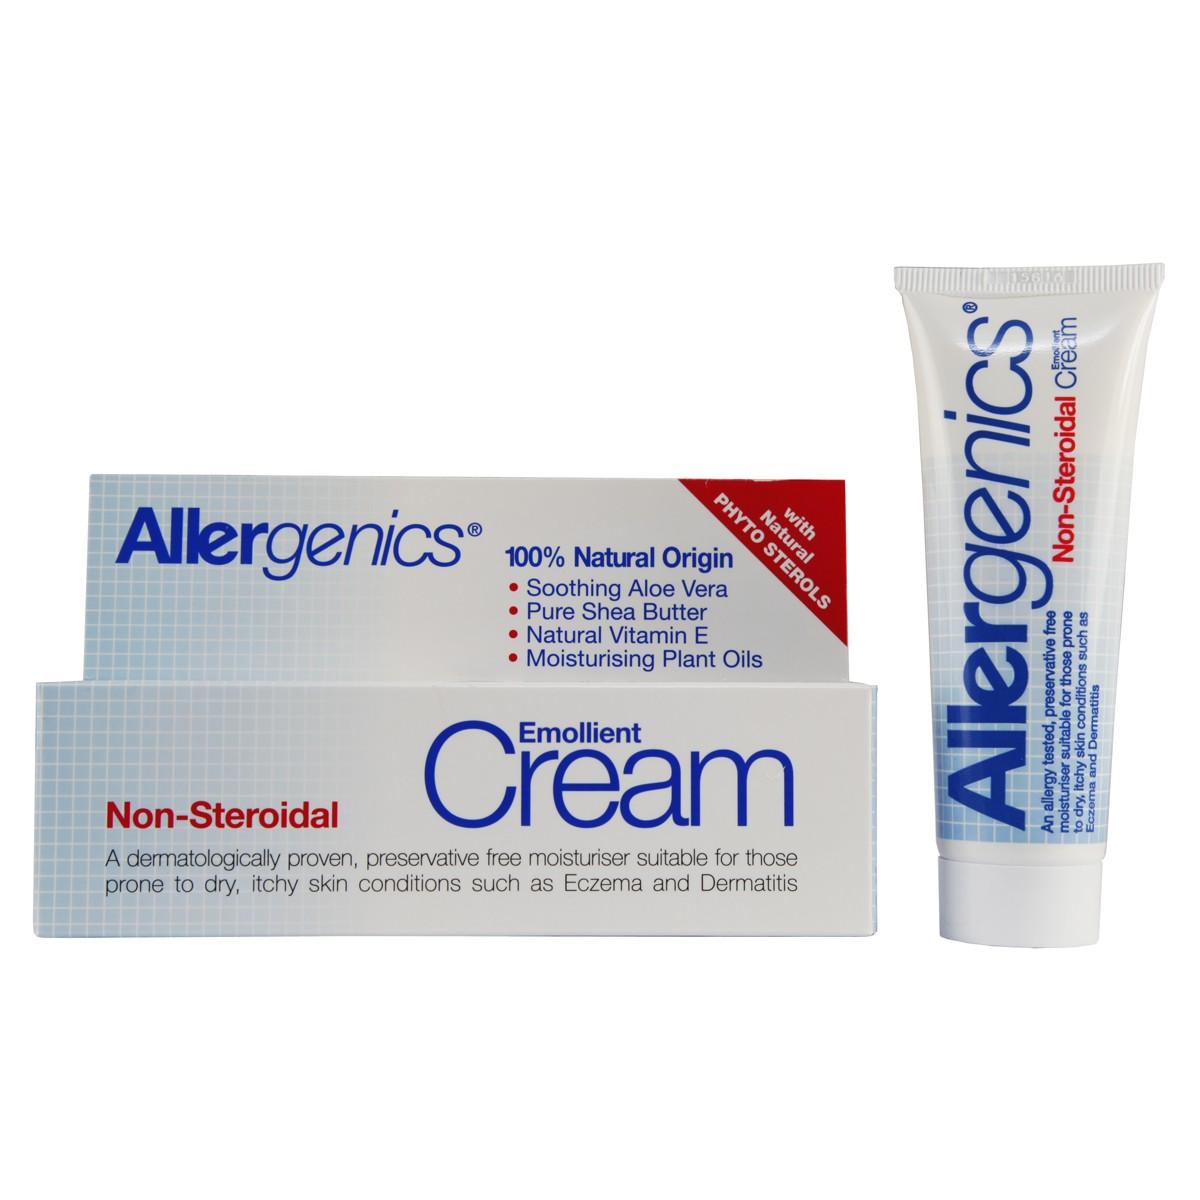 Allergenics Steroid Free Emollient Cream